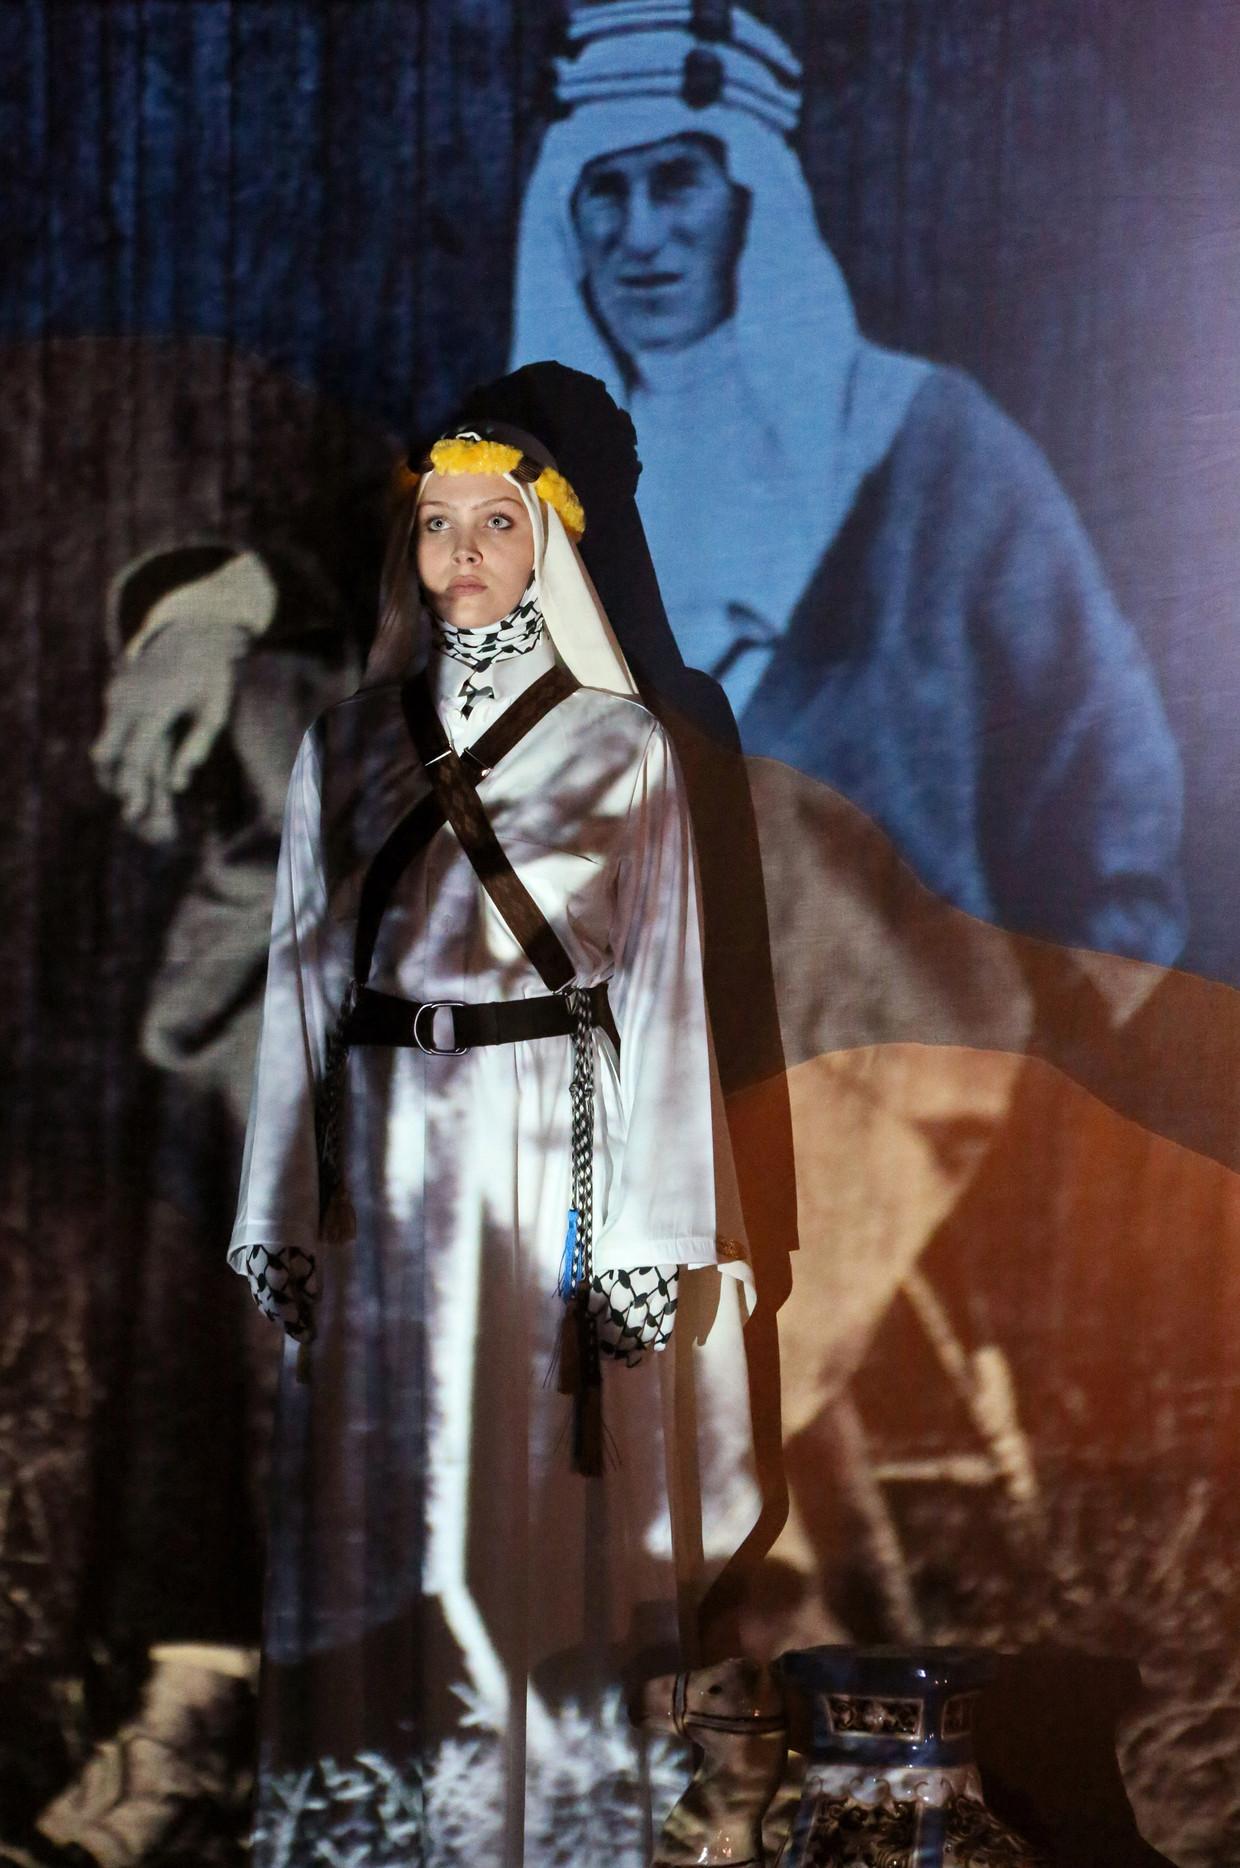 Pip Lucas als Lawrence of Arabia in de toneelversie van Marjolijn van Heemstra en Sadettin Kirmiziyüz. Beeld Sanne Peper